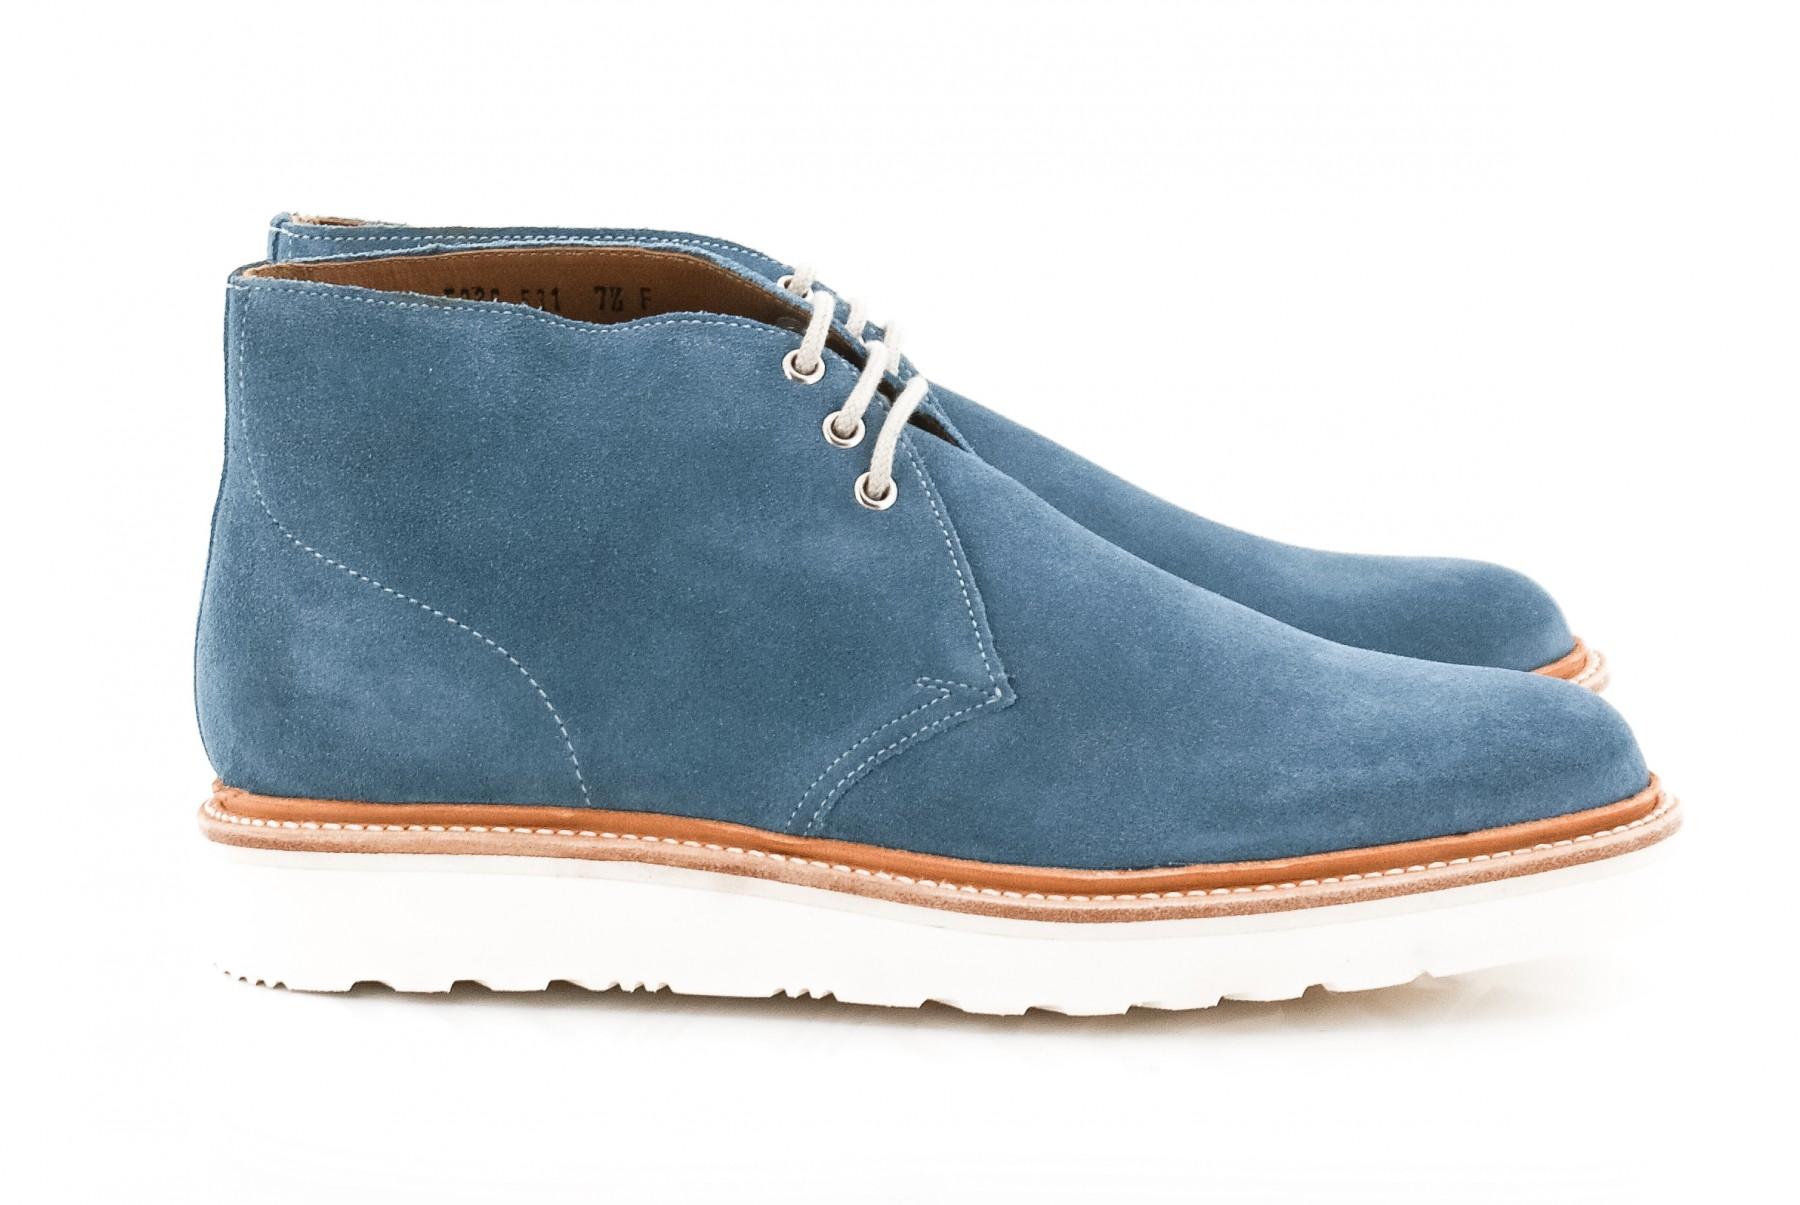 Boots Homme ALLEN COBALT de chez Grenson à retrouver sur www.upper-shoes.com